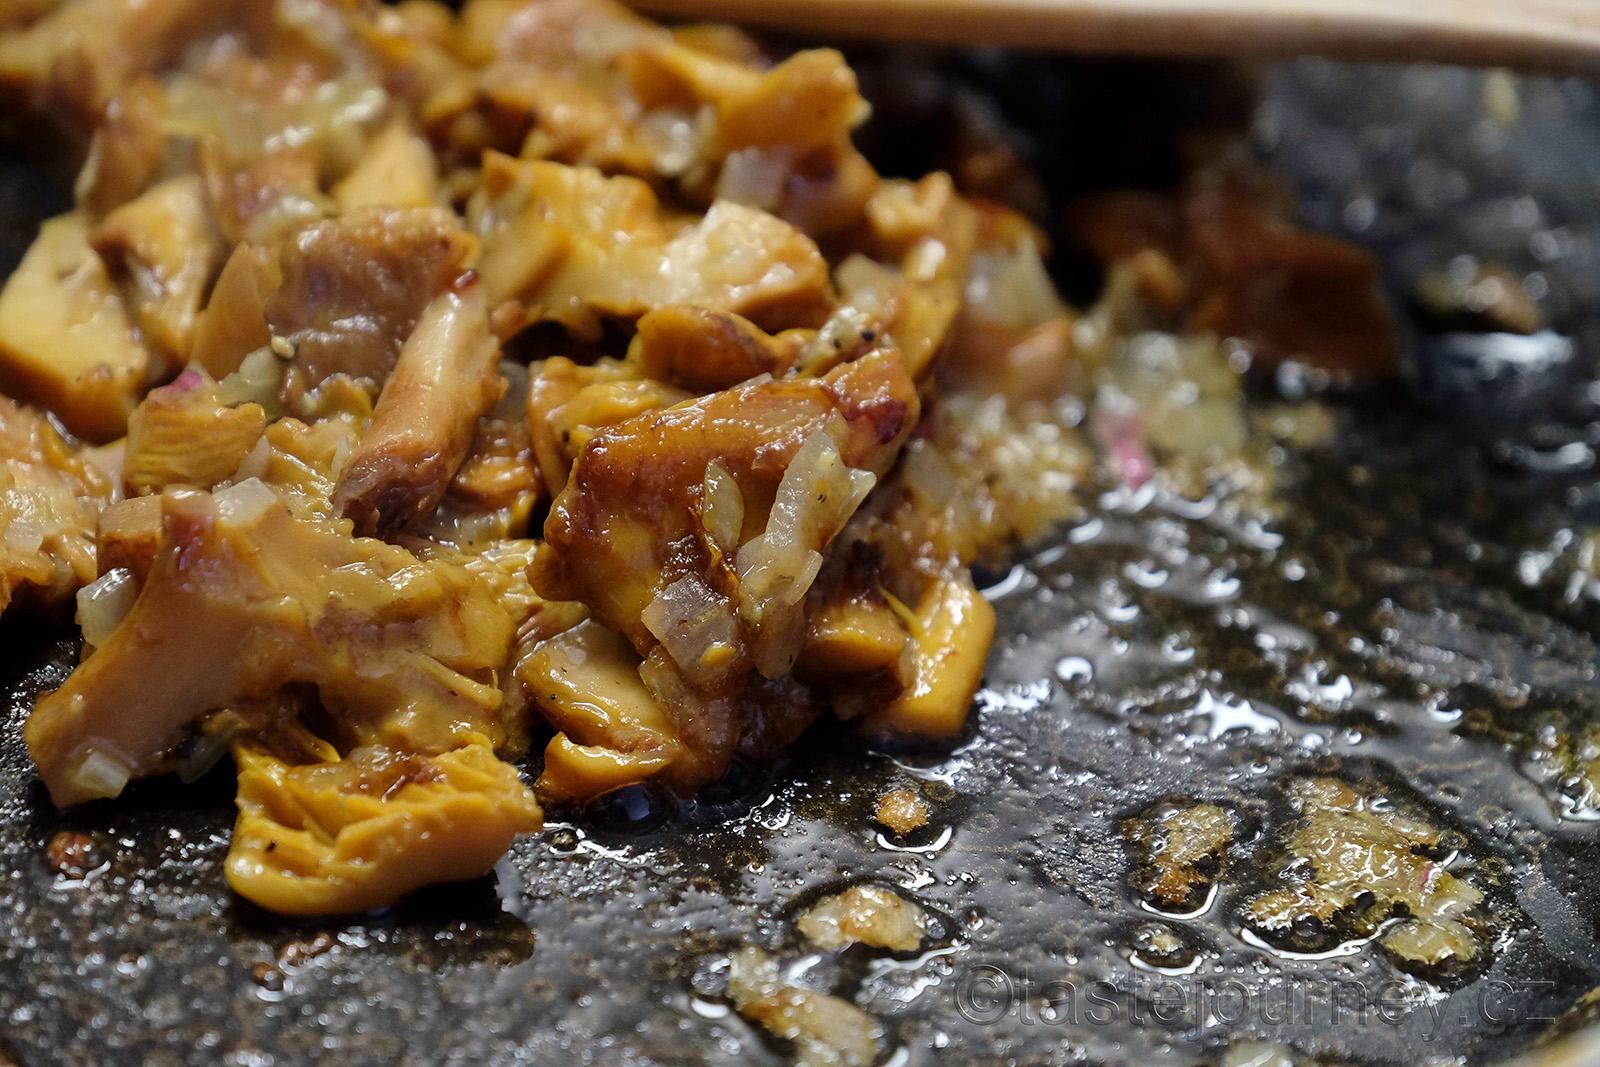 Lišky orestujte a ozdobte jimi polévku